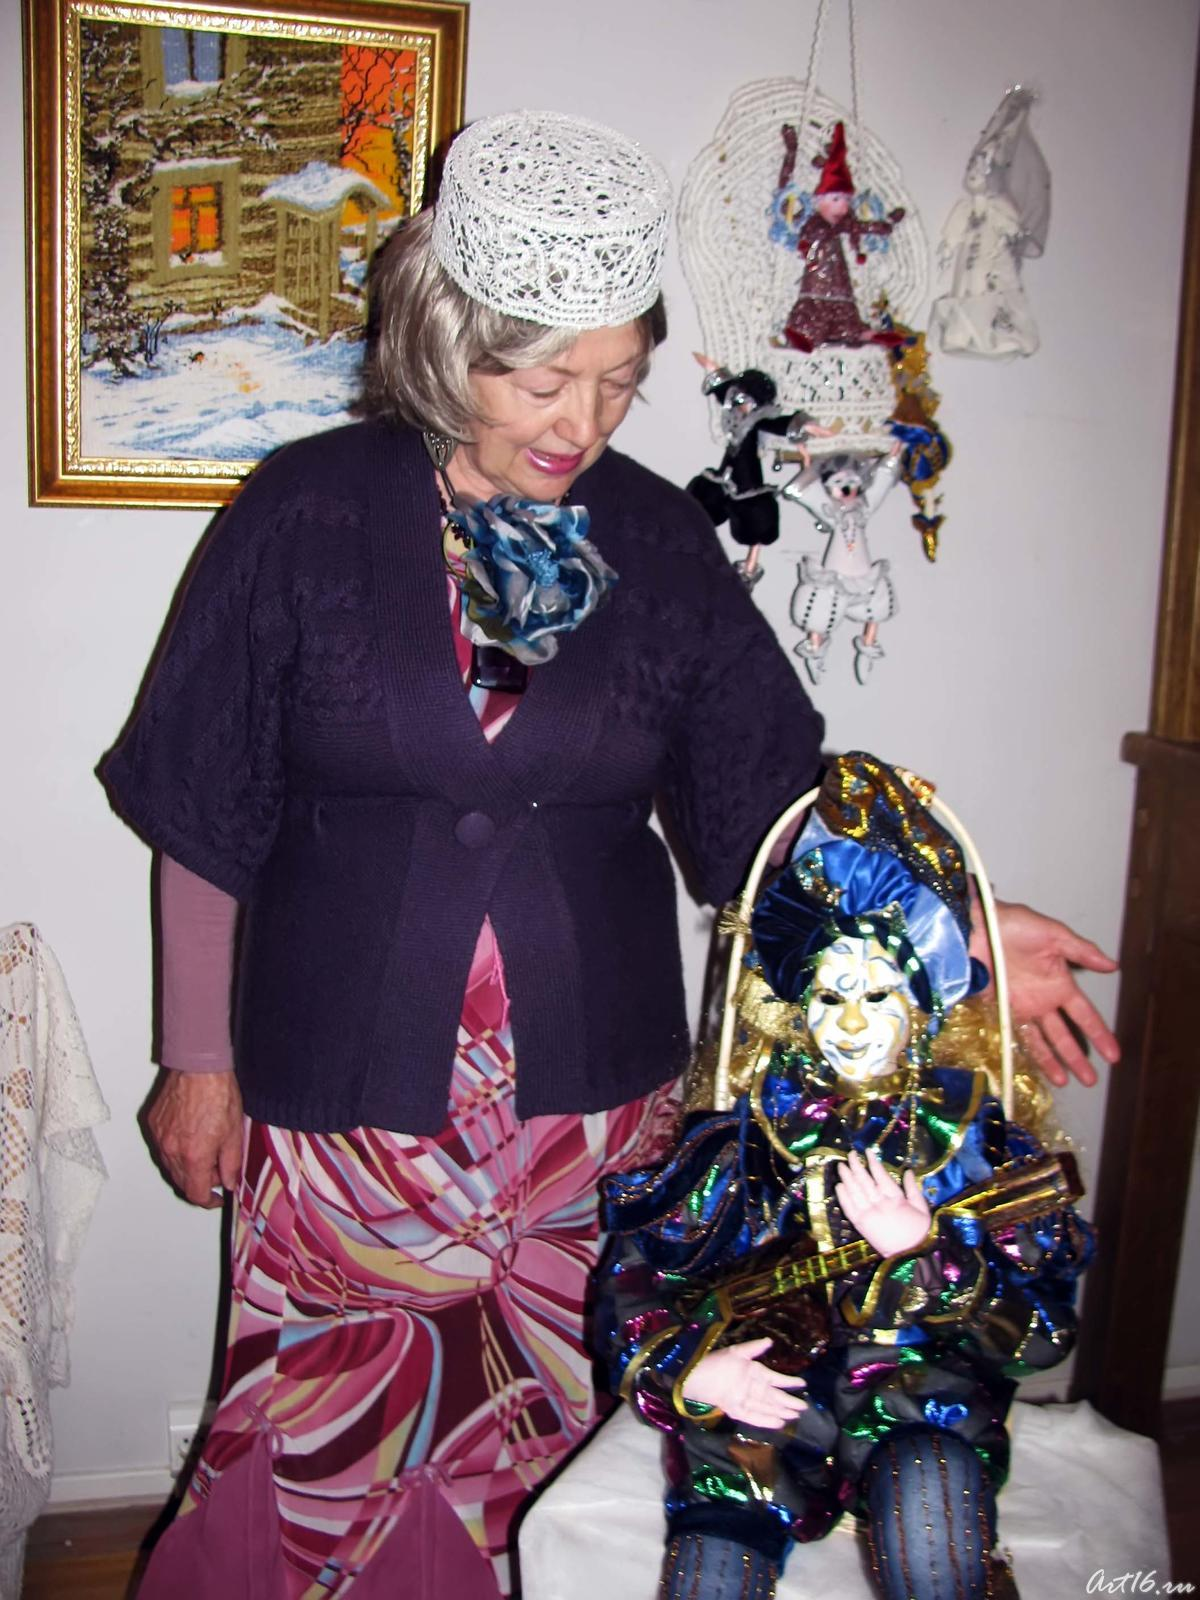 Фото №57649. Лиана Хакимовна Алимбек-Тагирова с куклой ''Музыкант''